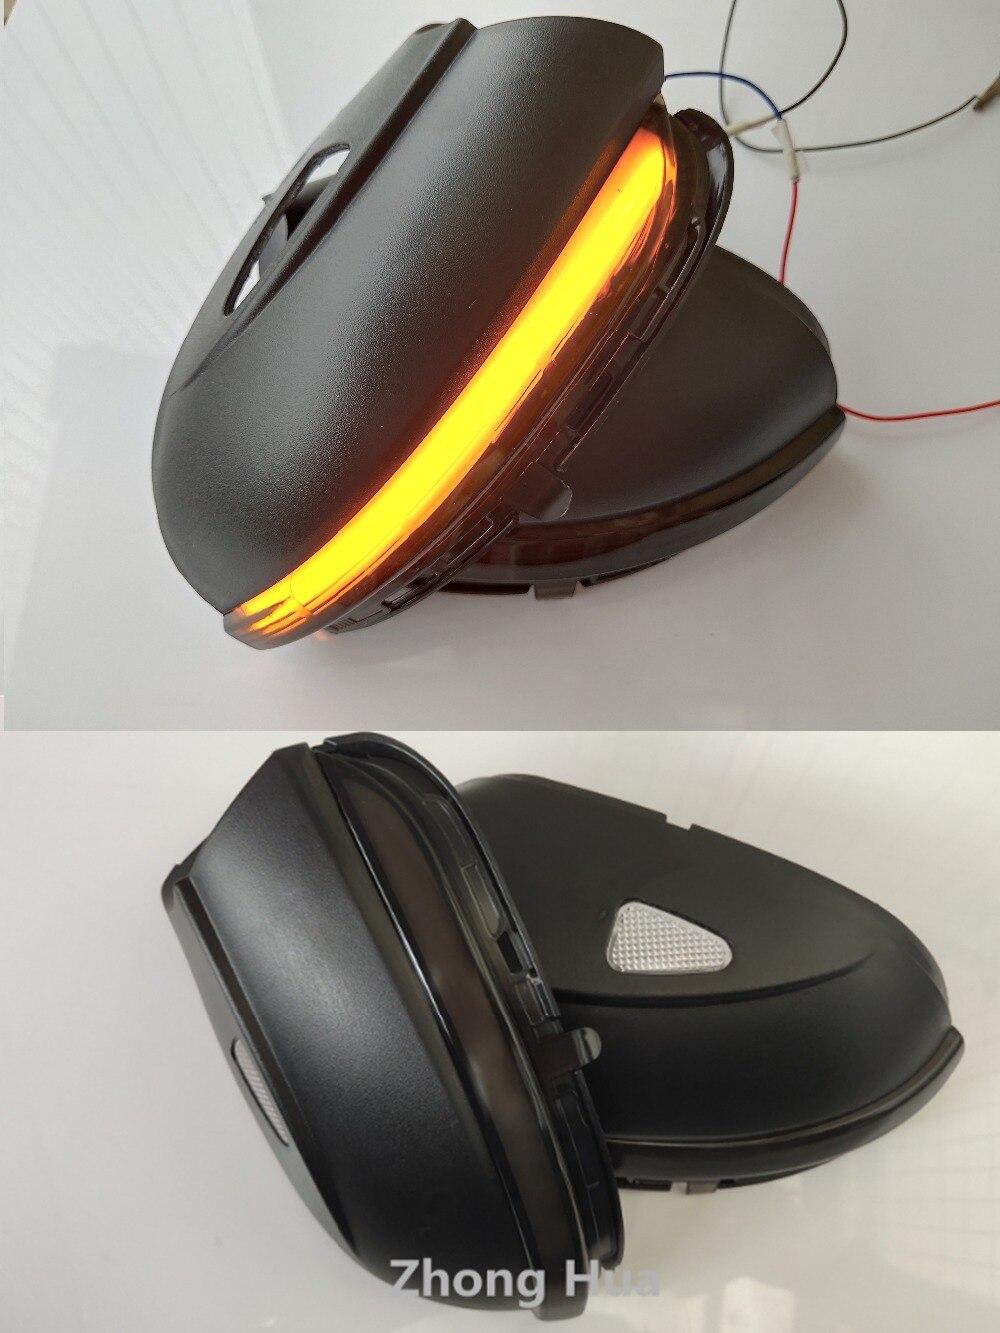 ダイナミックミラーインジケータウインカーゴルフ MK6 G TI 6 R ライン側 Led ターン信号光シーケンシャルウインカーランプ  グループ上の 自動車 &バイク からの 信号ランプ の中 1